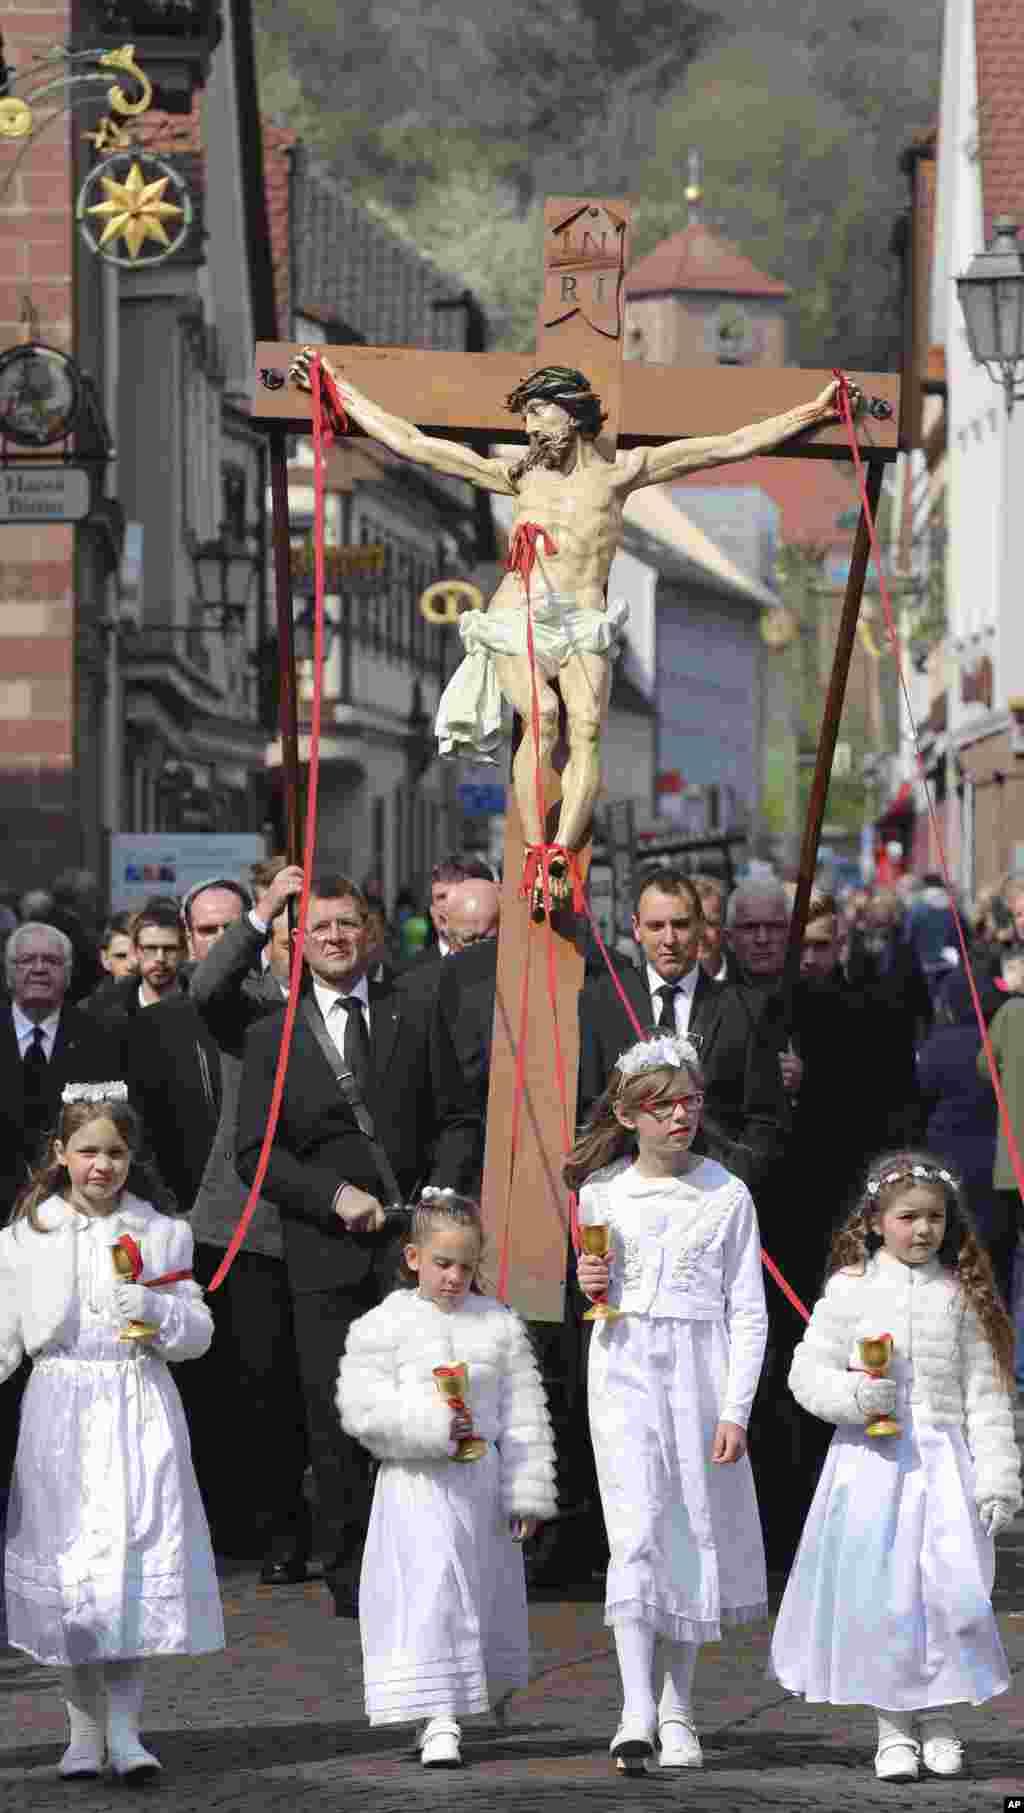 Procesión de Viernes Santo por el centro de Lohr am Main, Alemania. Foto AP.